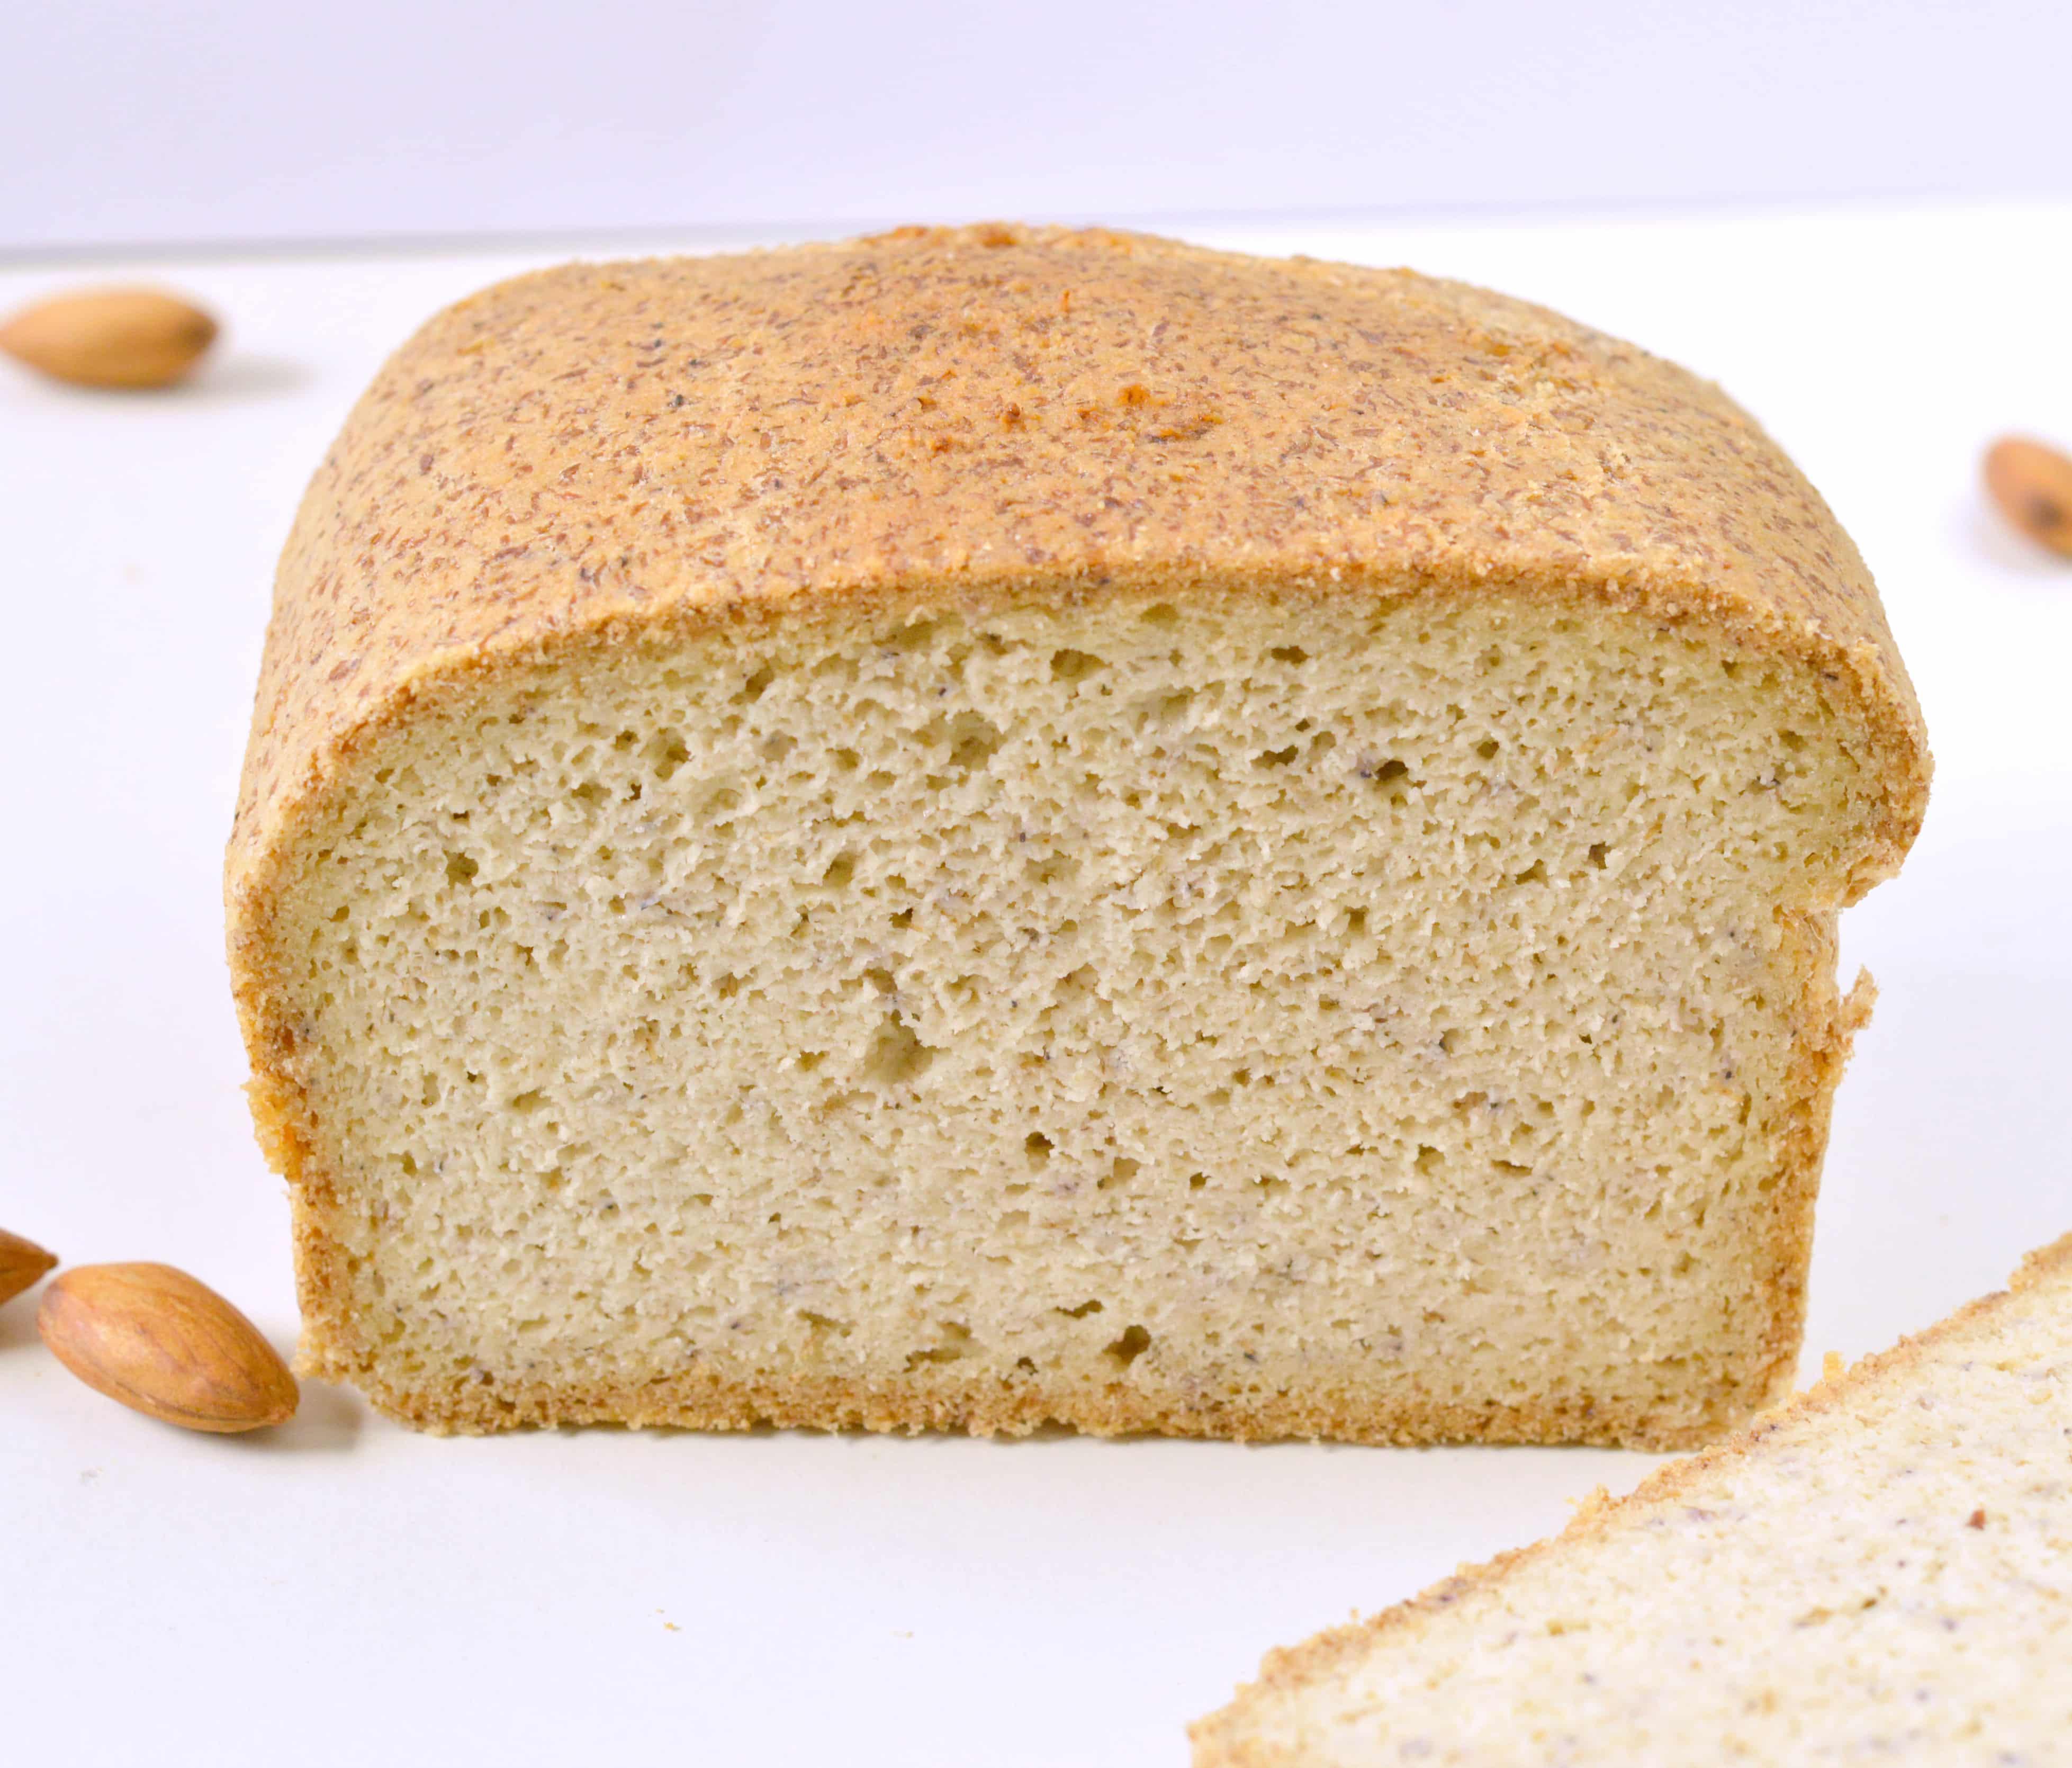 Keto bread with almond flour